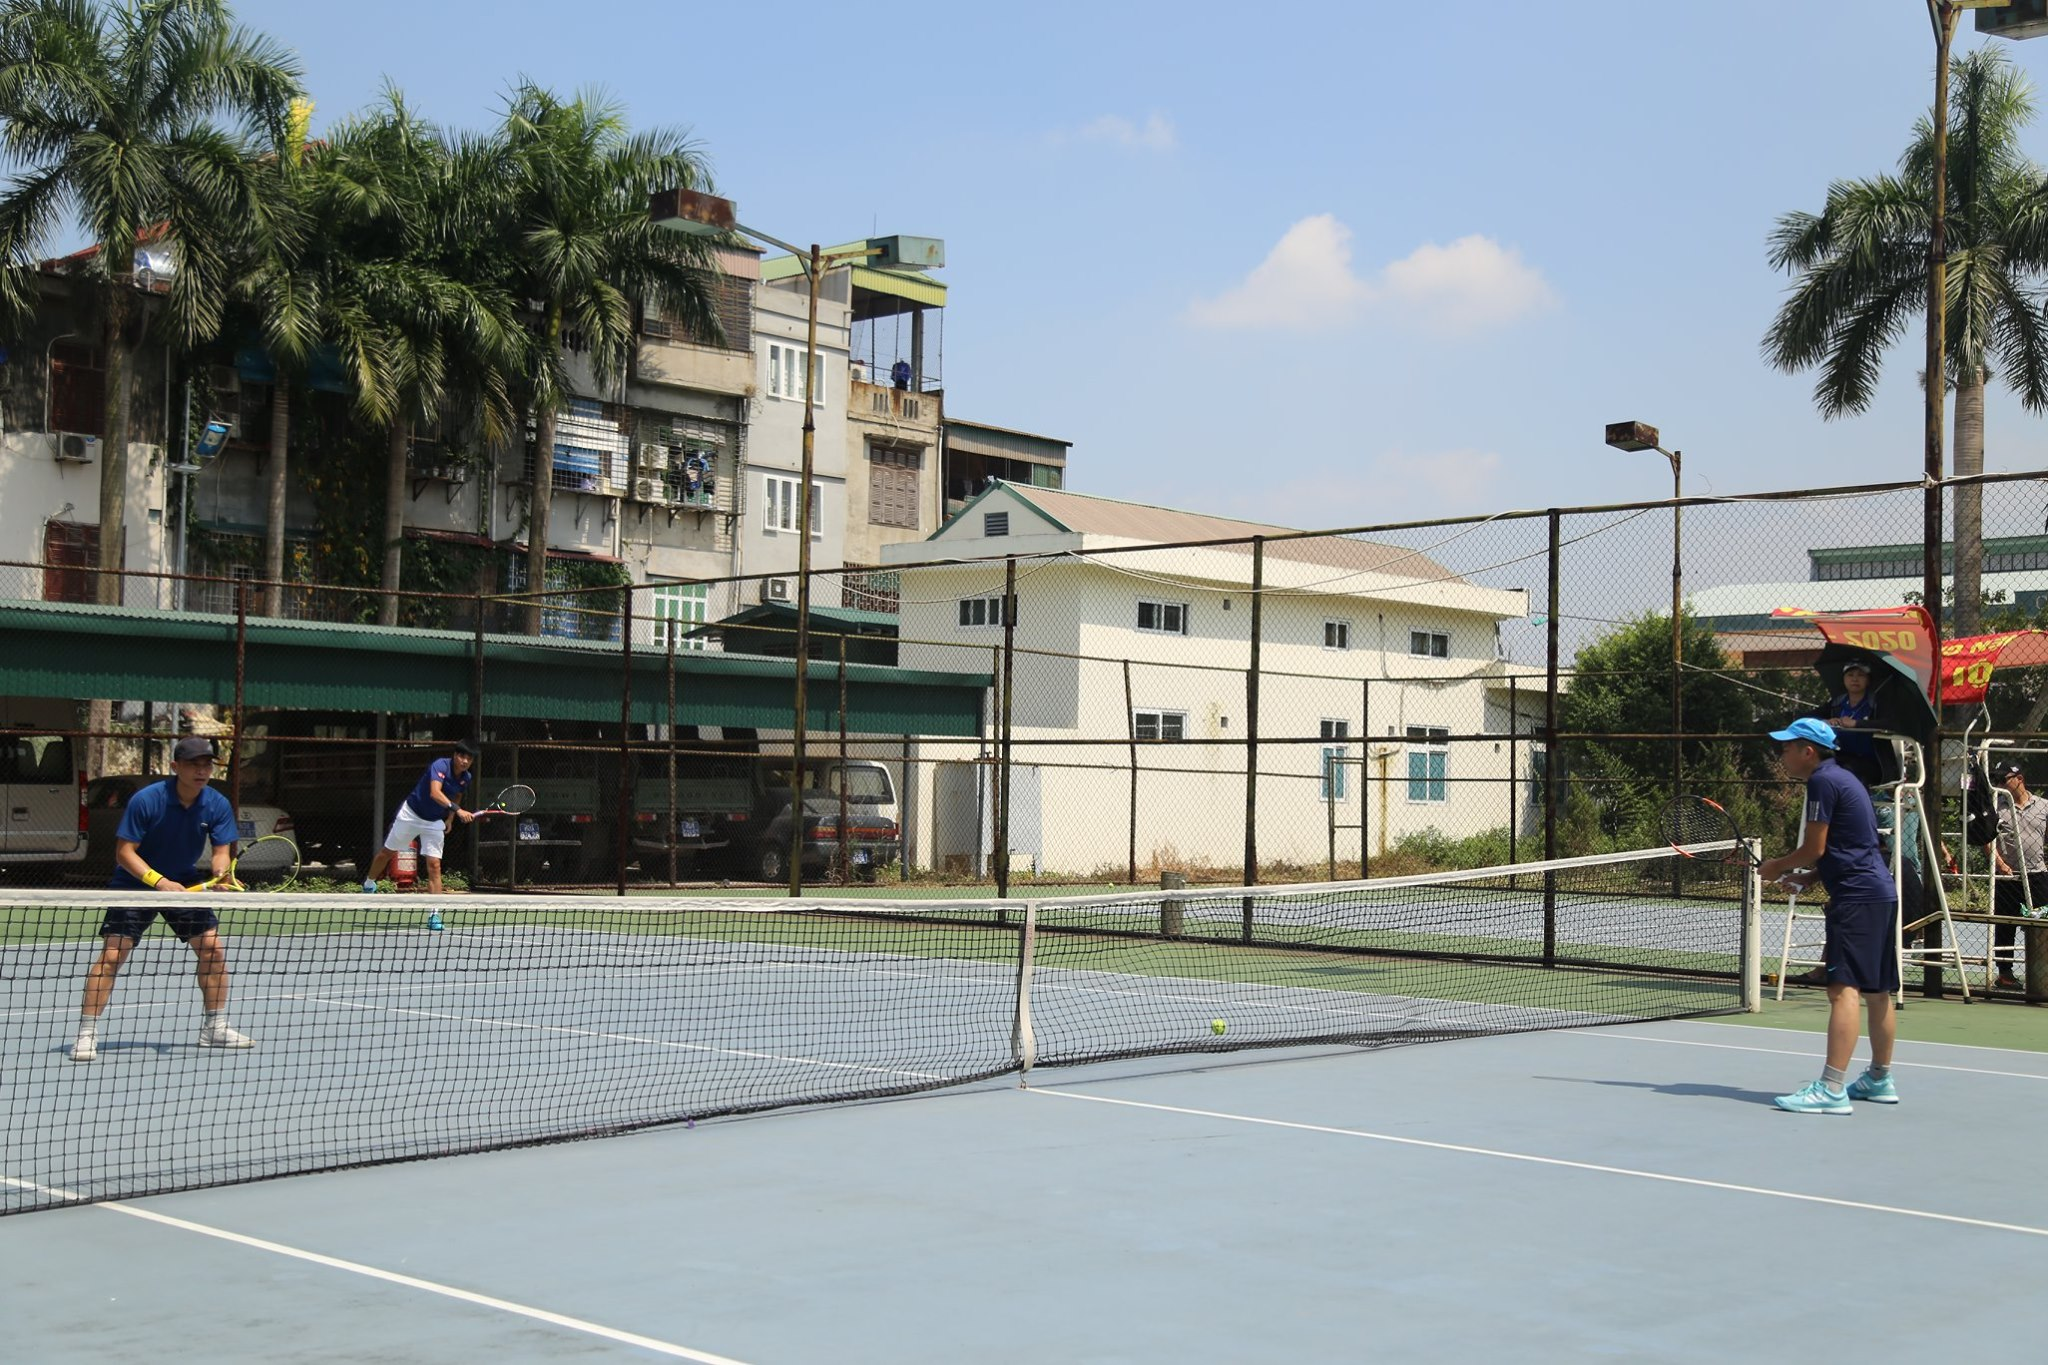 Nội dung thi đấu tennis